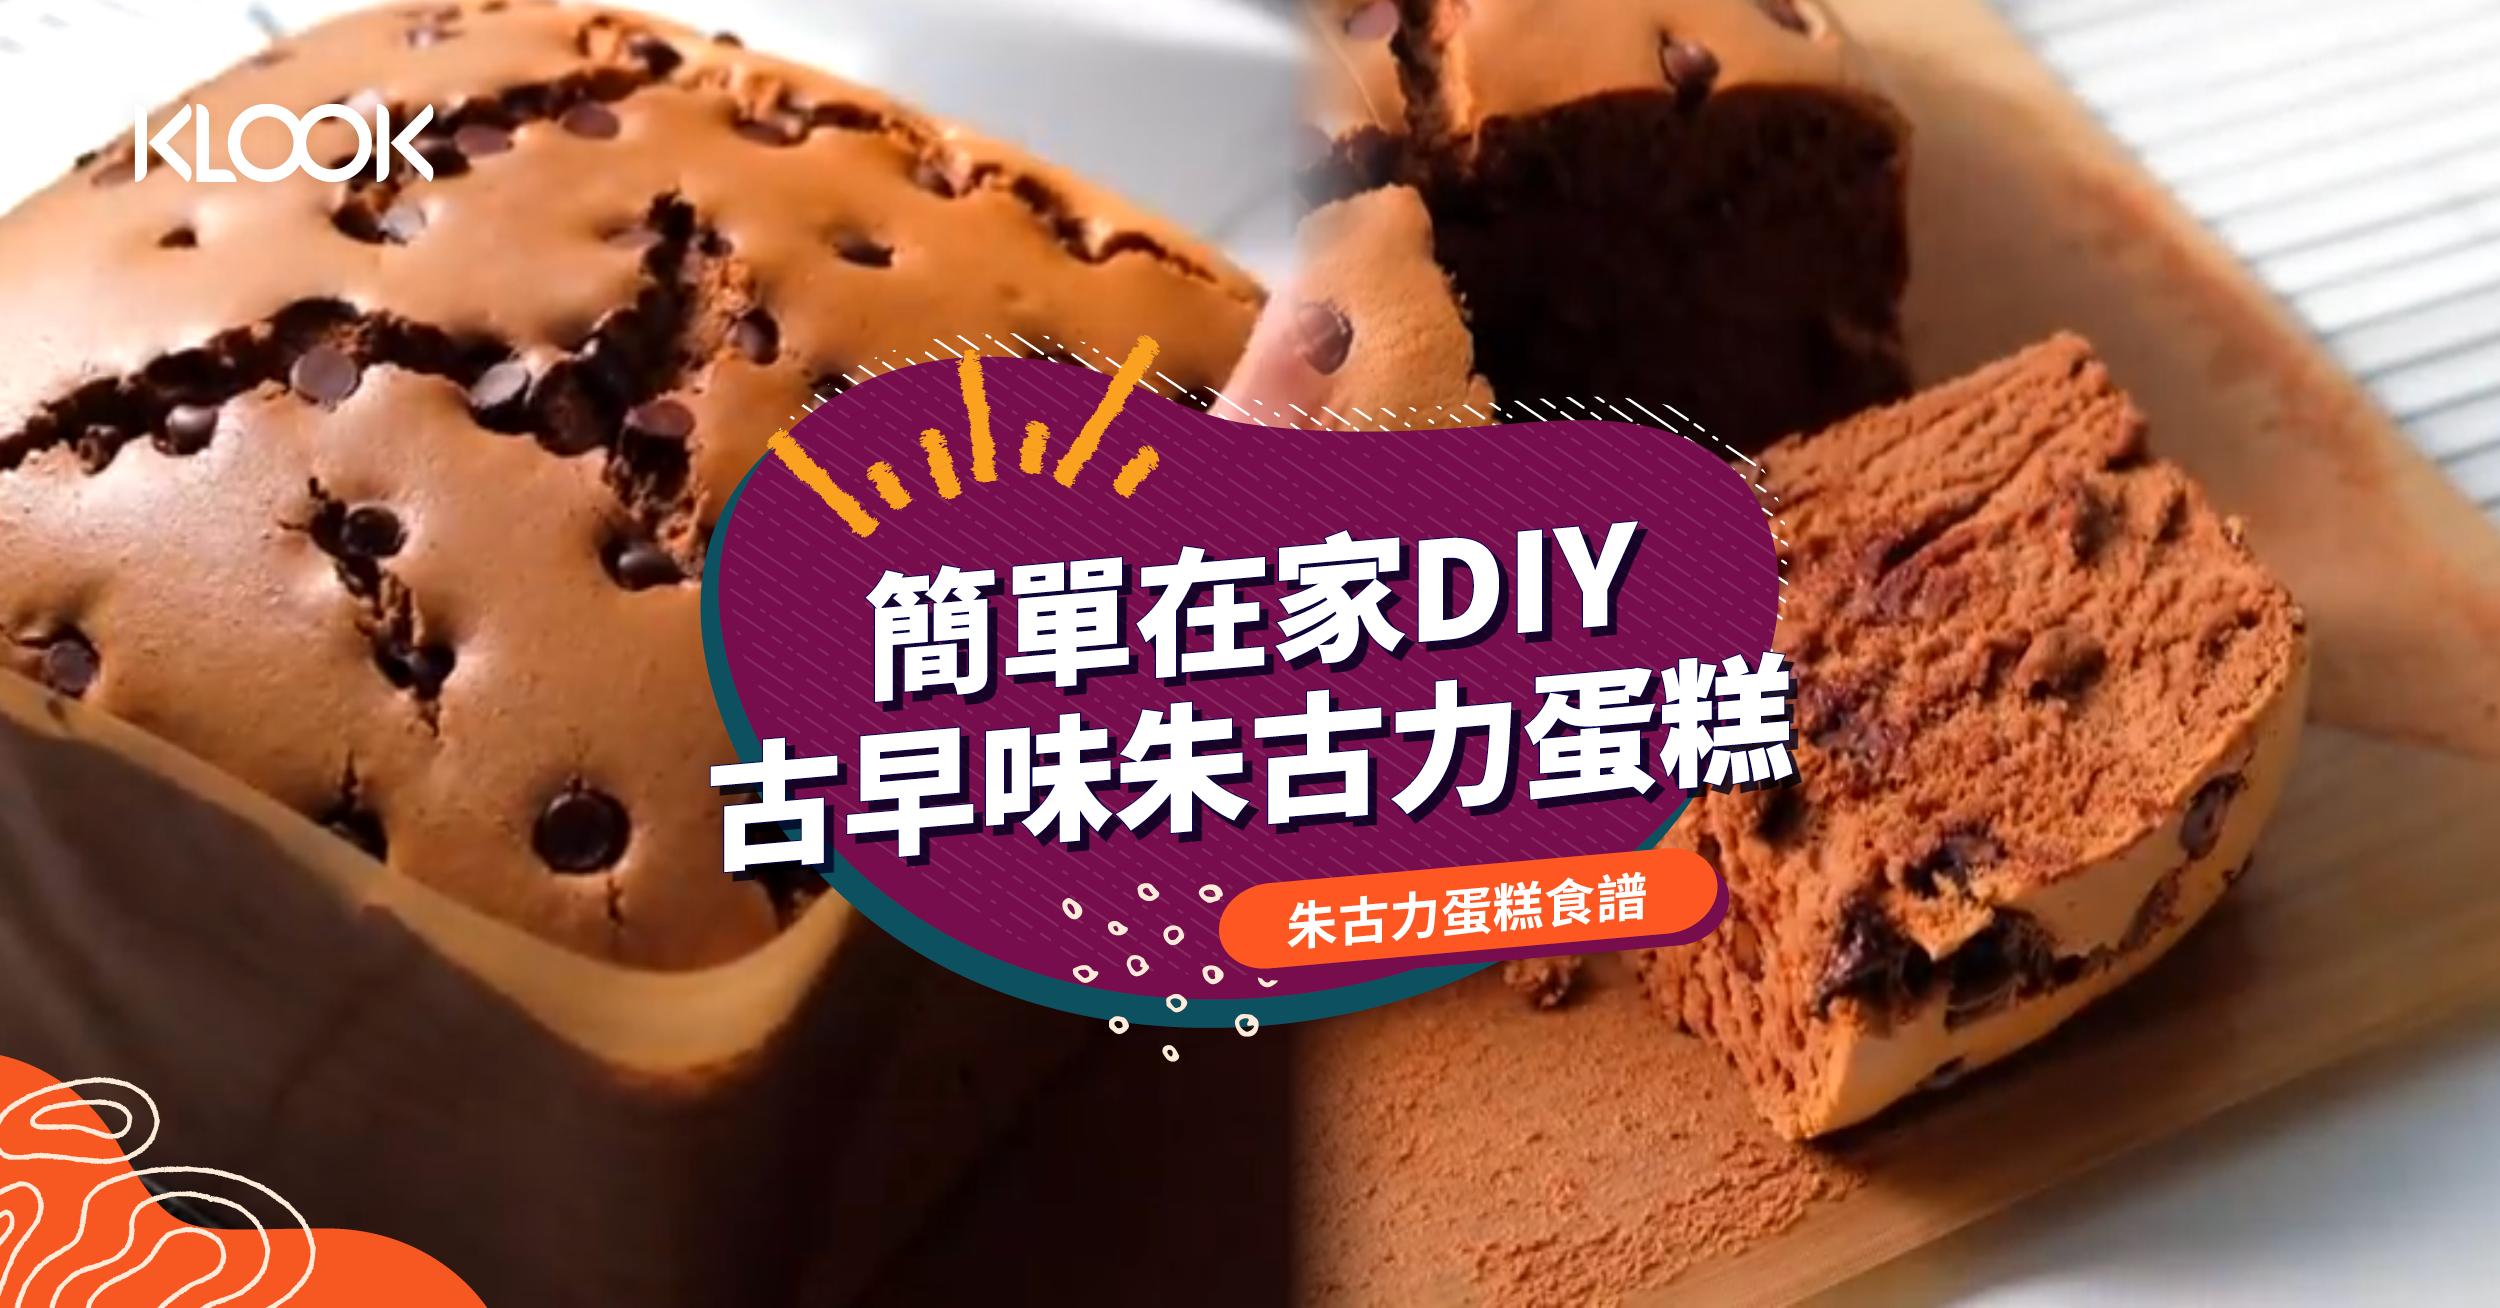 【朱古力蛋糕食譜】簡單在家 DIY 古早味朱古力蛋糕